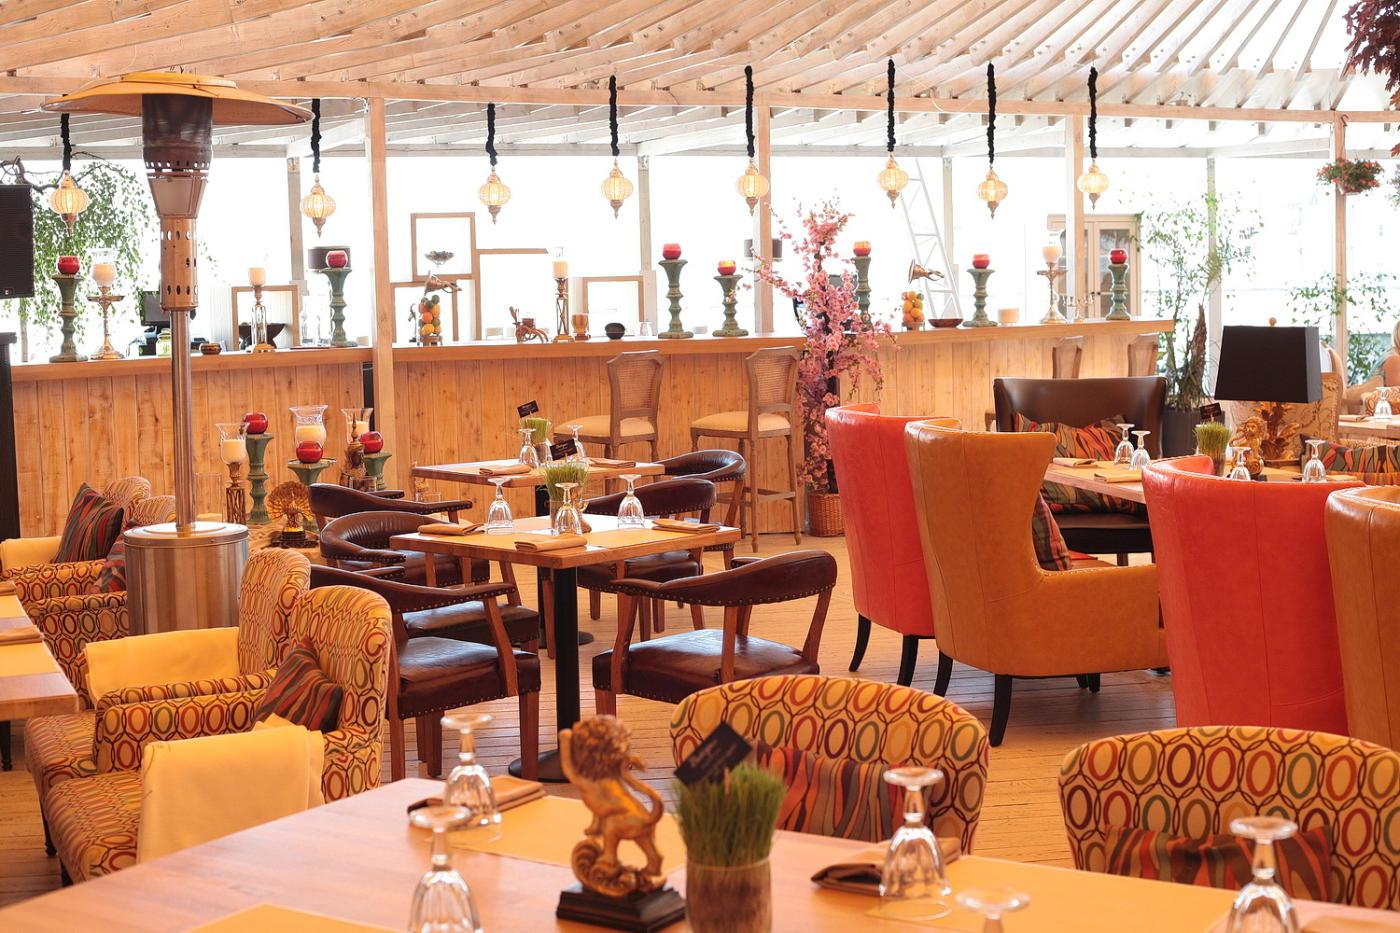 Ресторан Shakti Terrace (Шакти Терраса) фото 49